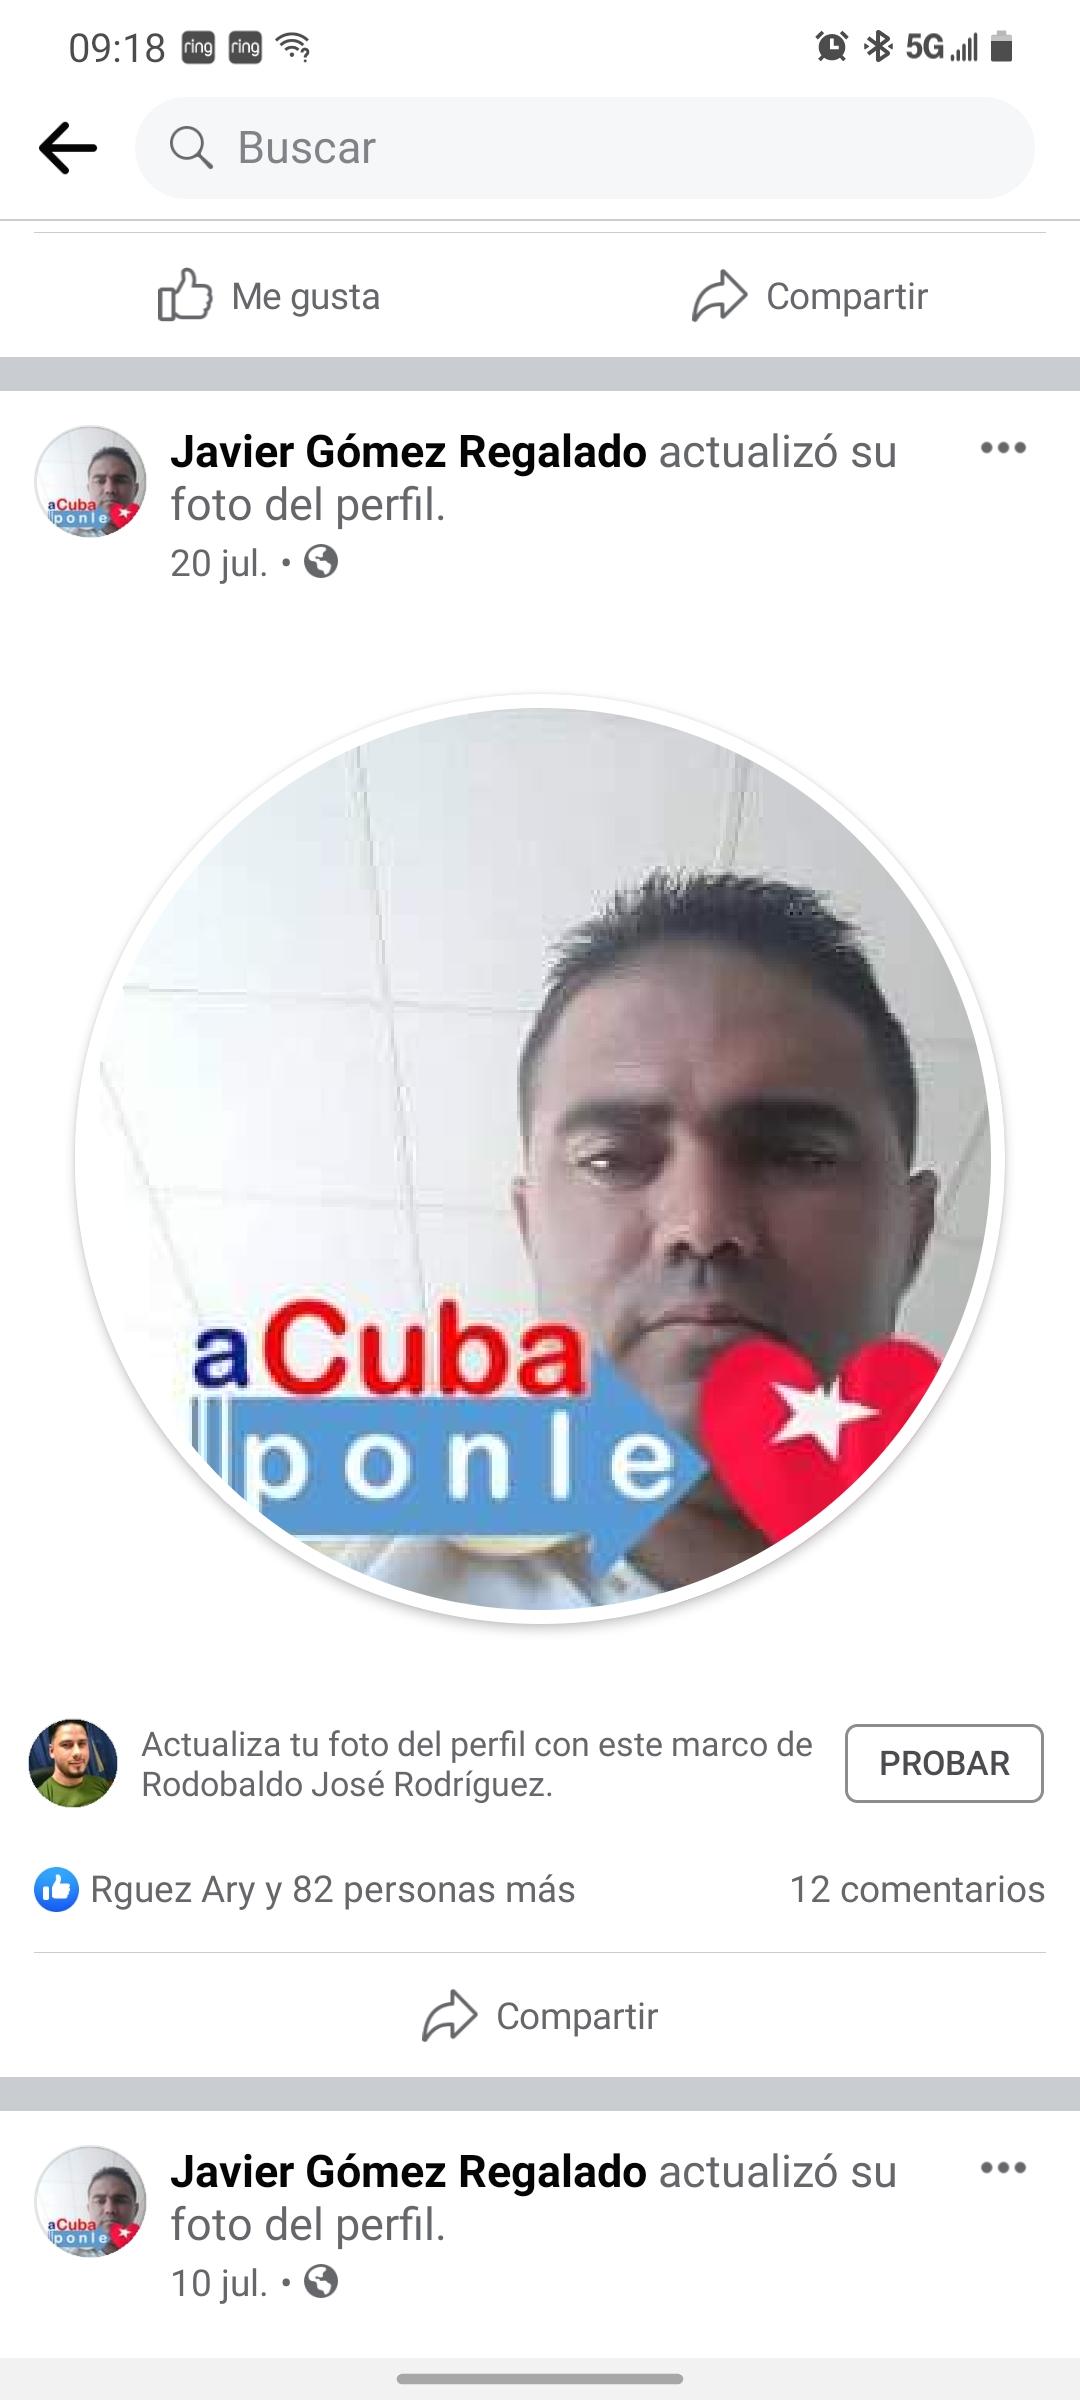 Javier Gomez Regalado